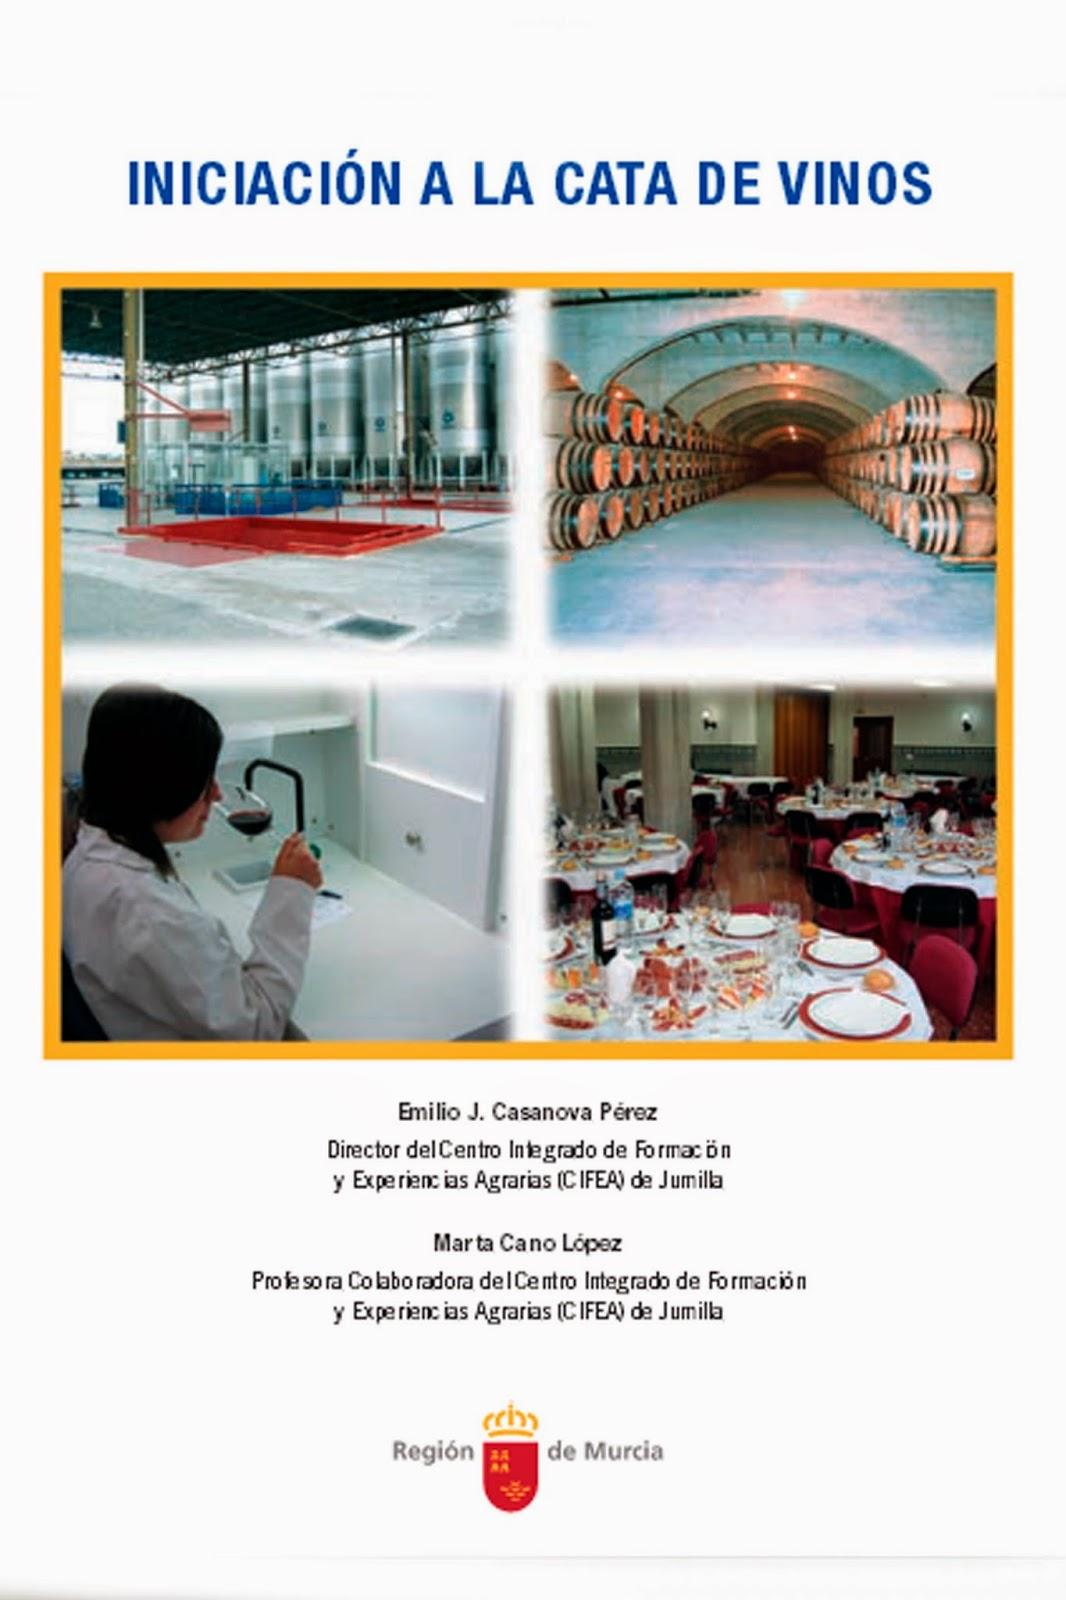 http://desarrollorurallanzarote.files.wordpress.com/2013/02/1199-texto-completo-1-iniciacic3b3n-a-la-cata-de-vinos.pdf